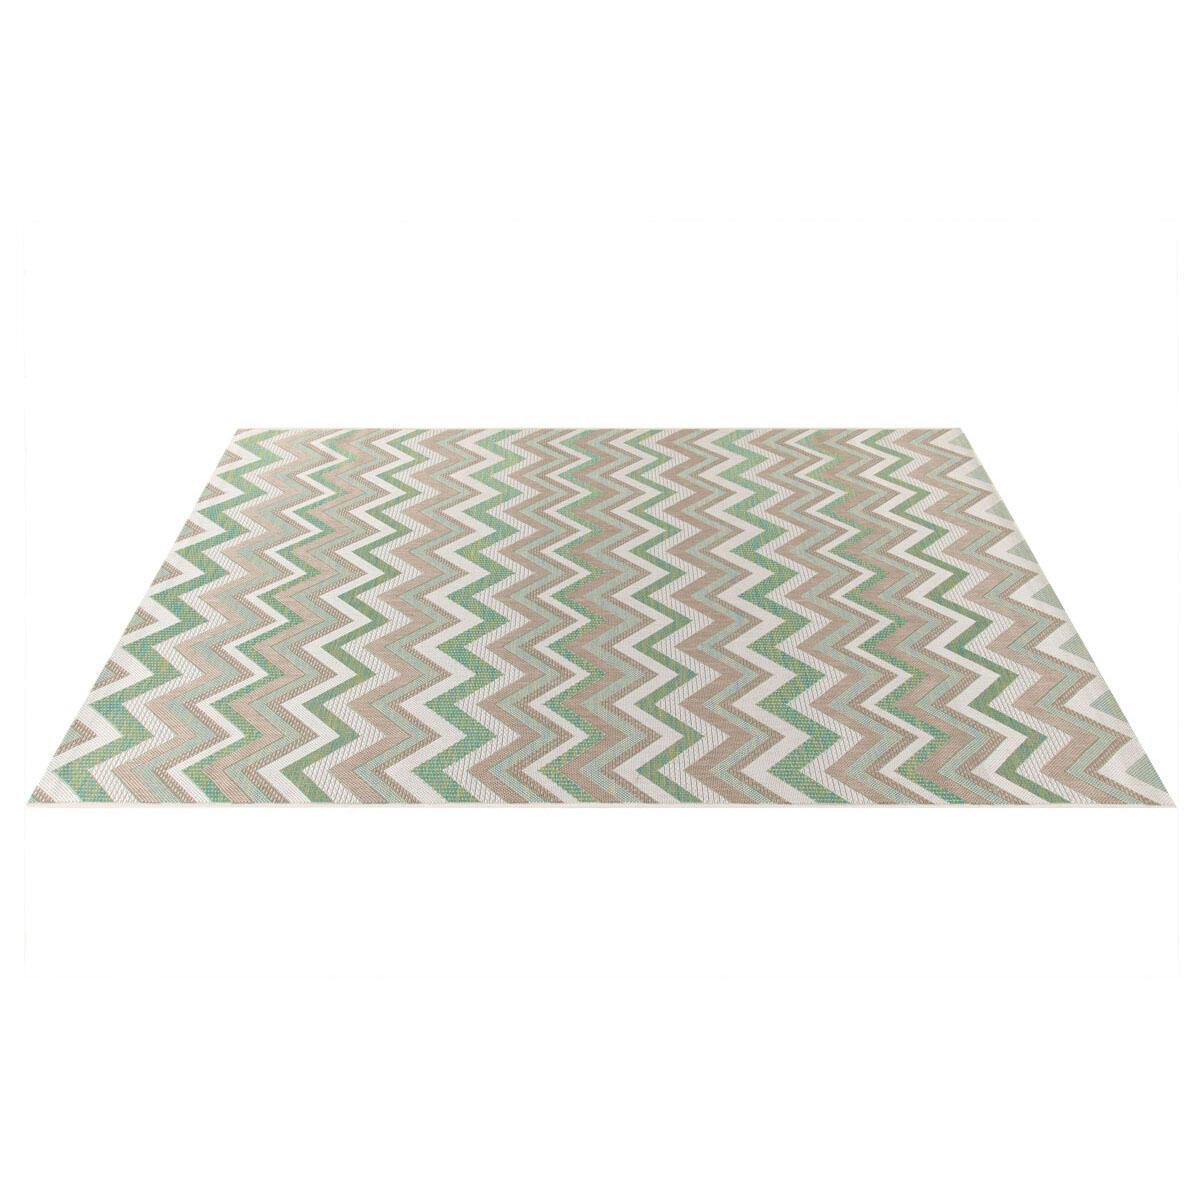 Tappeto per esterno Outdoor , verde, 50x115 - 3